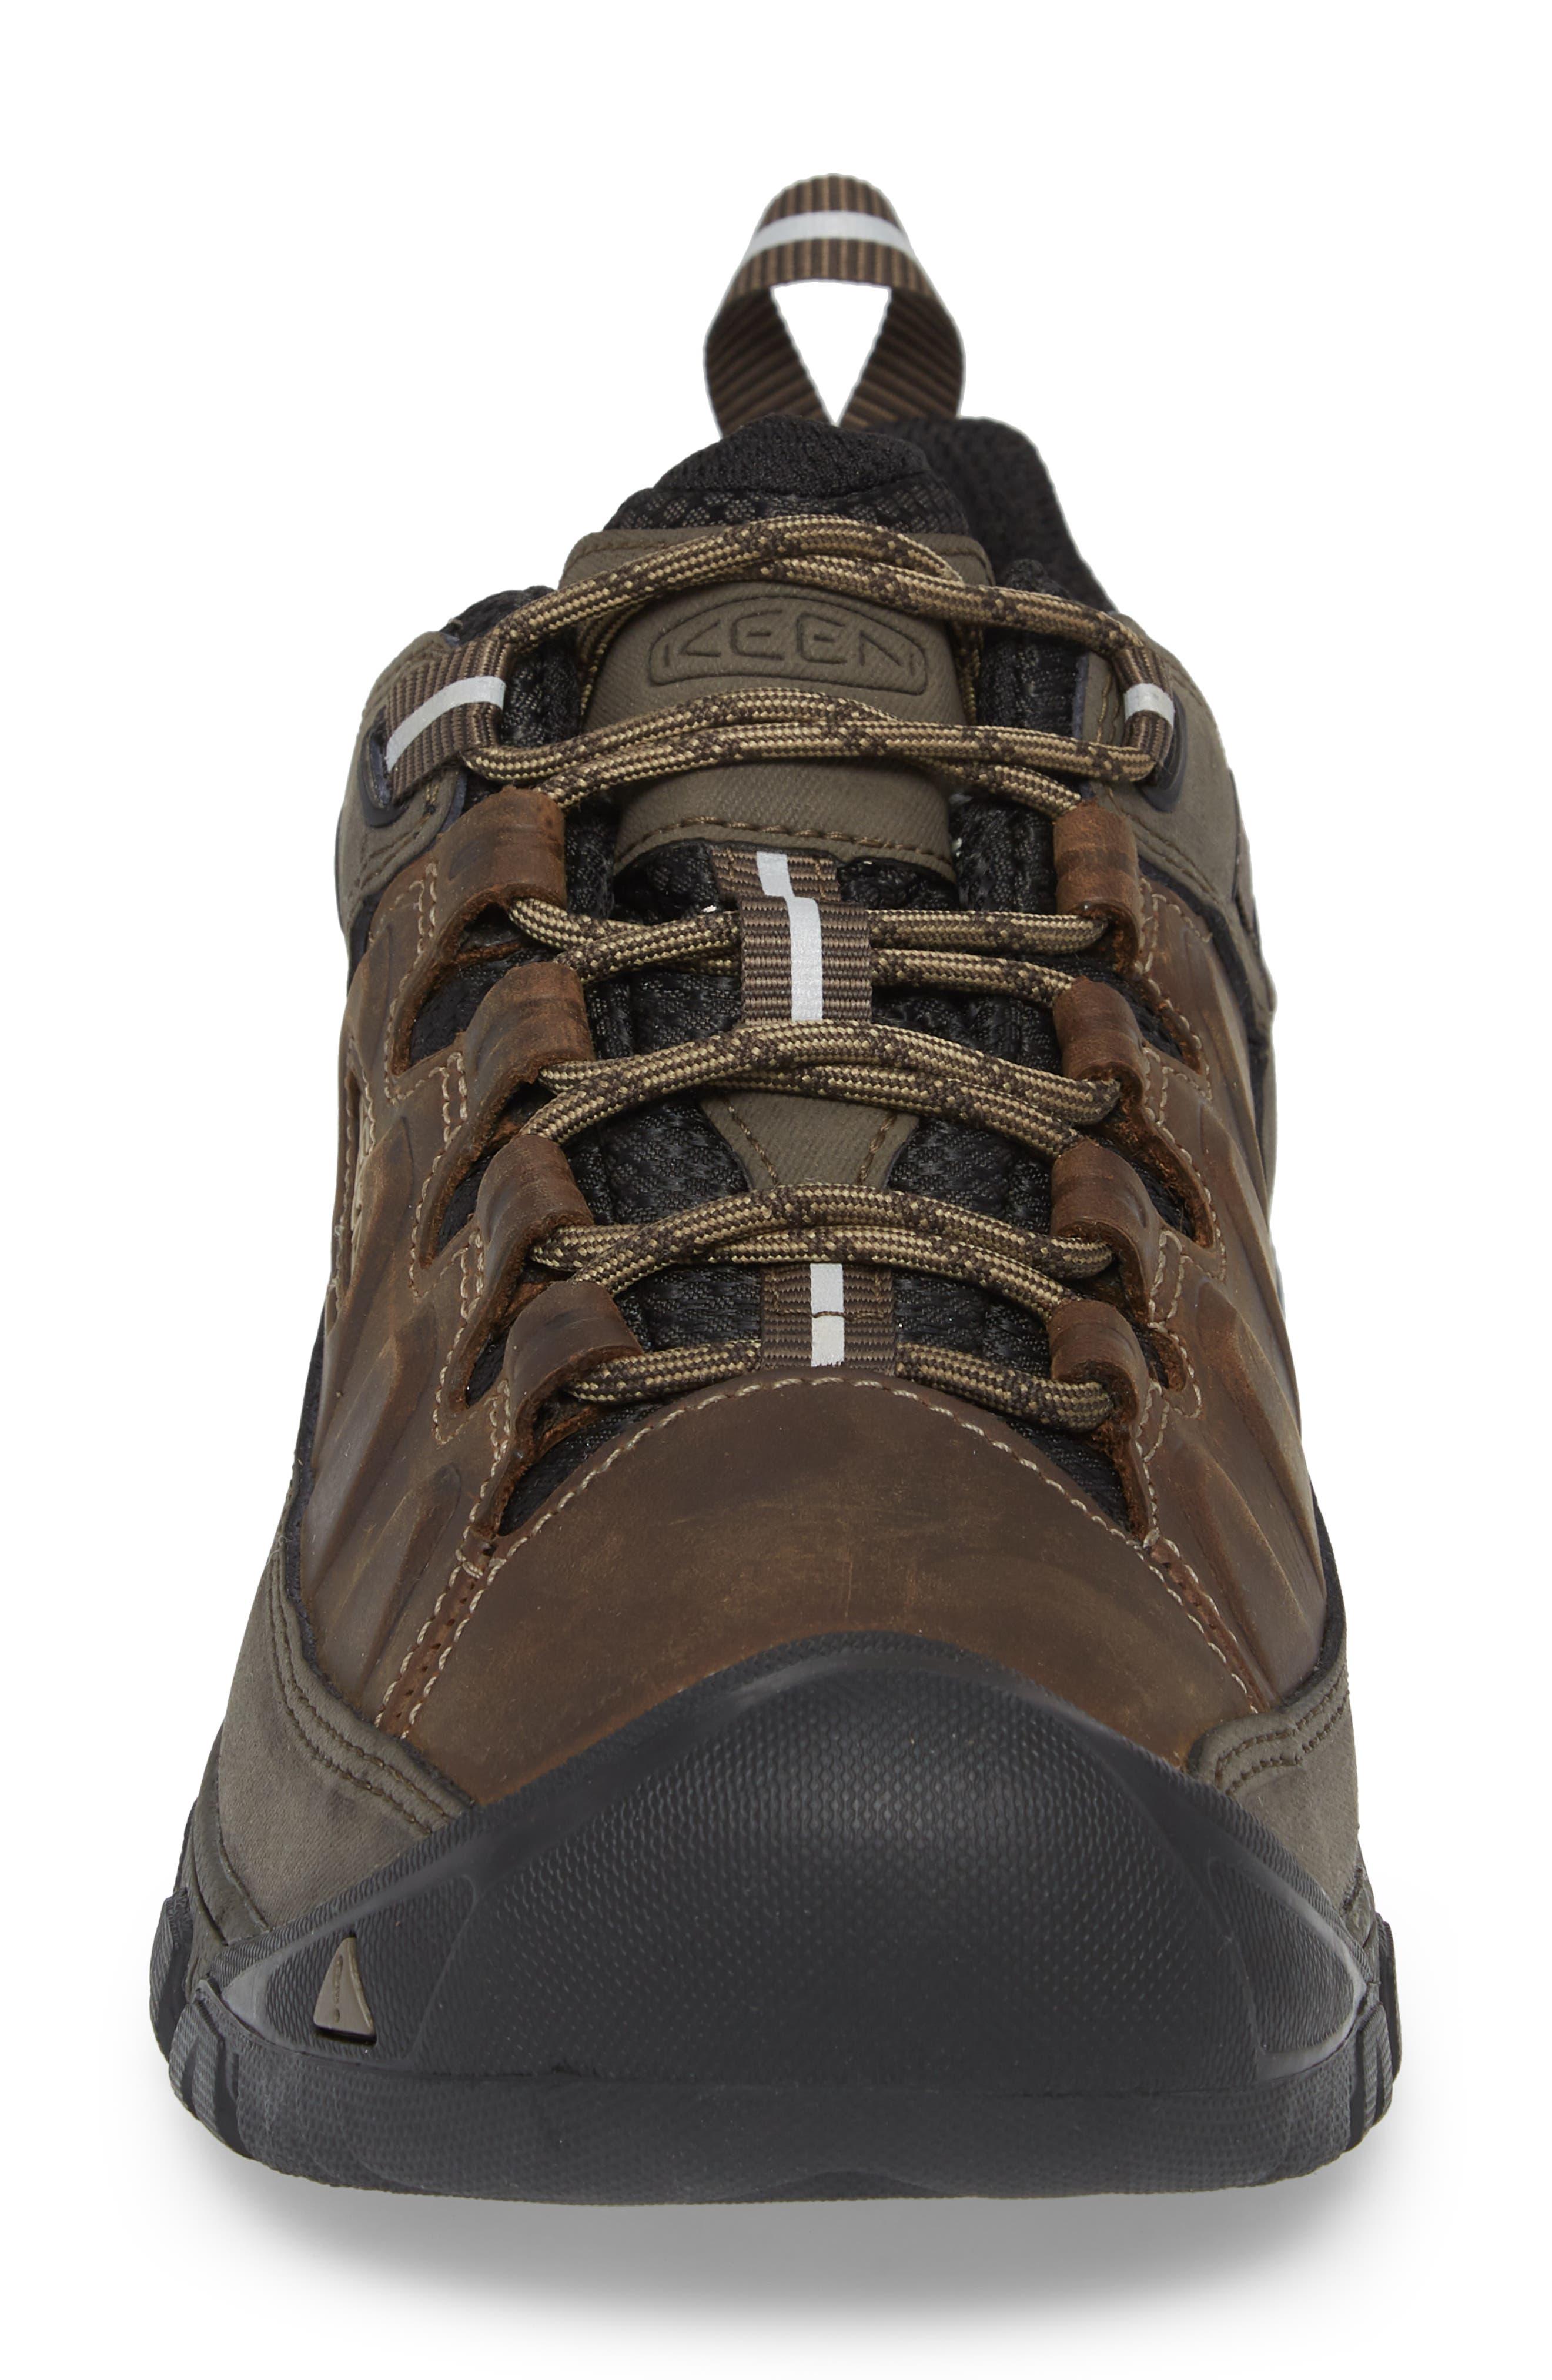 Targhee III Waterproof Hiking Shoe,                             Alternate thumbnail 4, color,                             Bungee Cord/Black